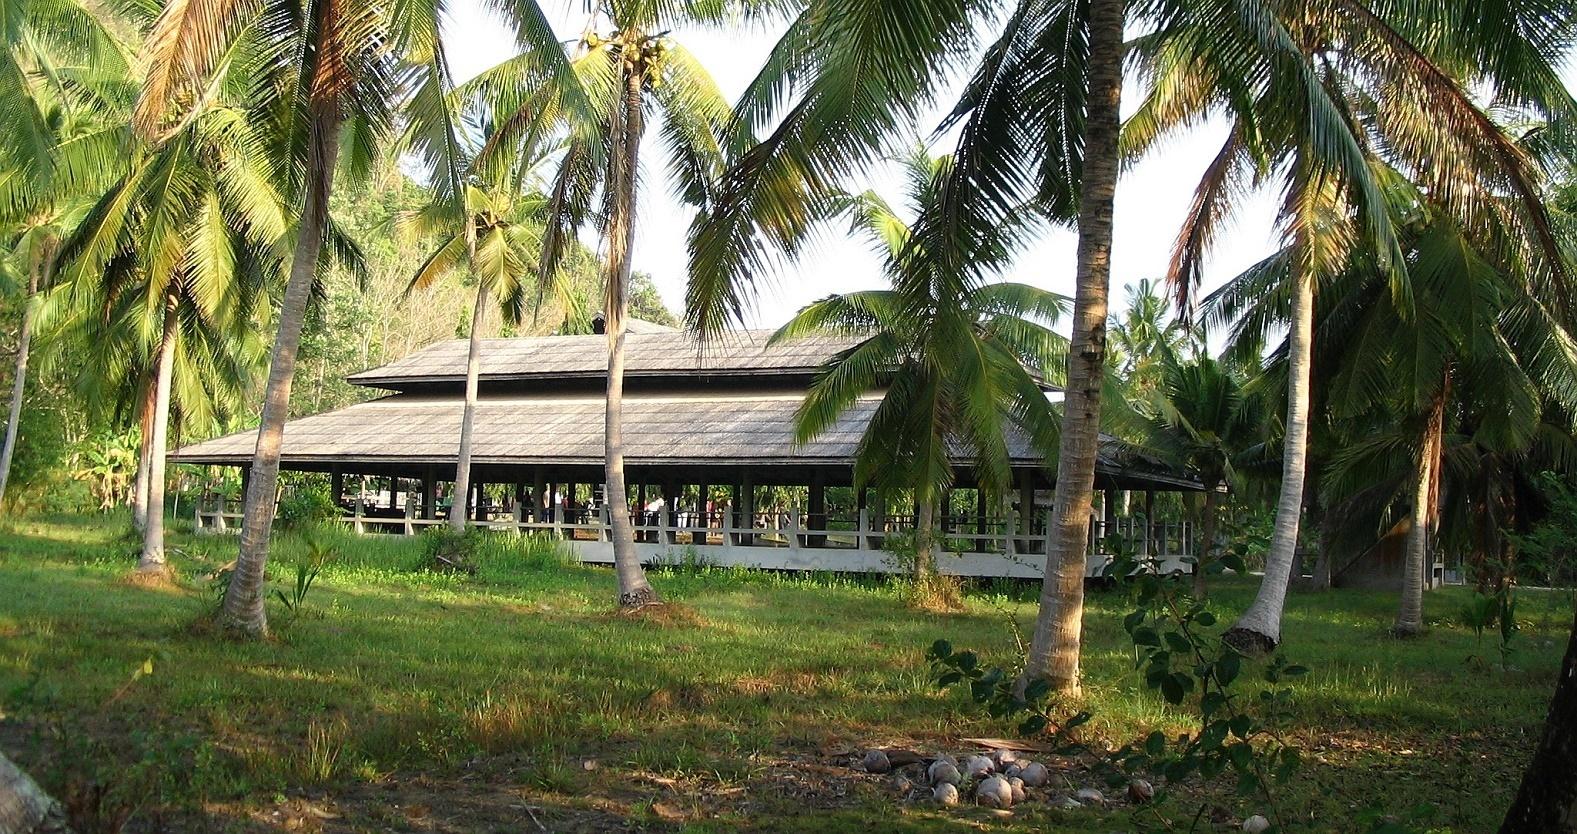 Hala pro ranní cvičení jógy - Wat Suan Mokkh - Thajsko